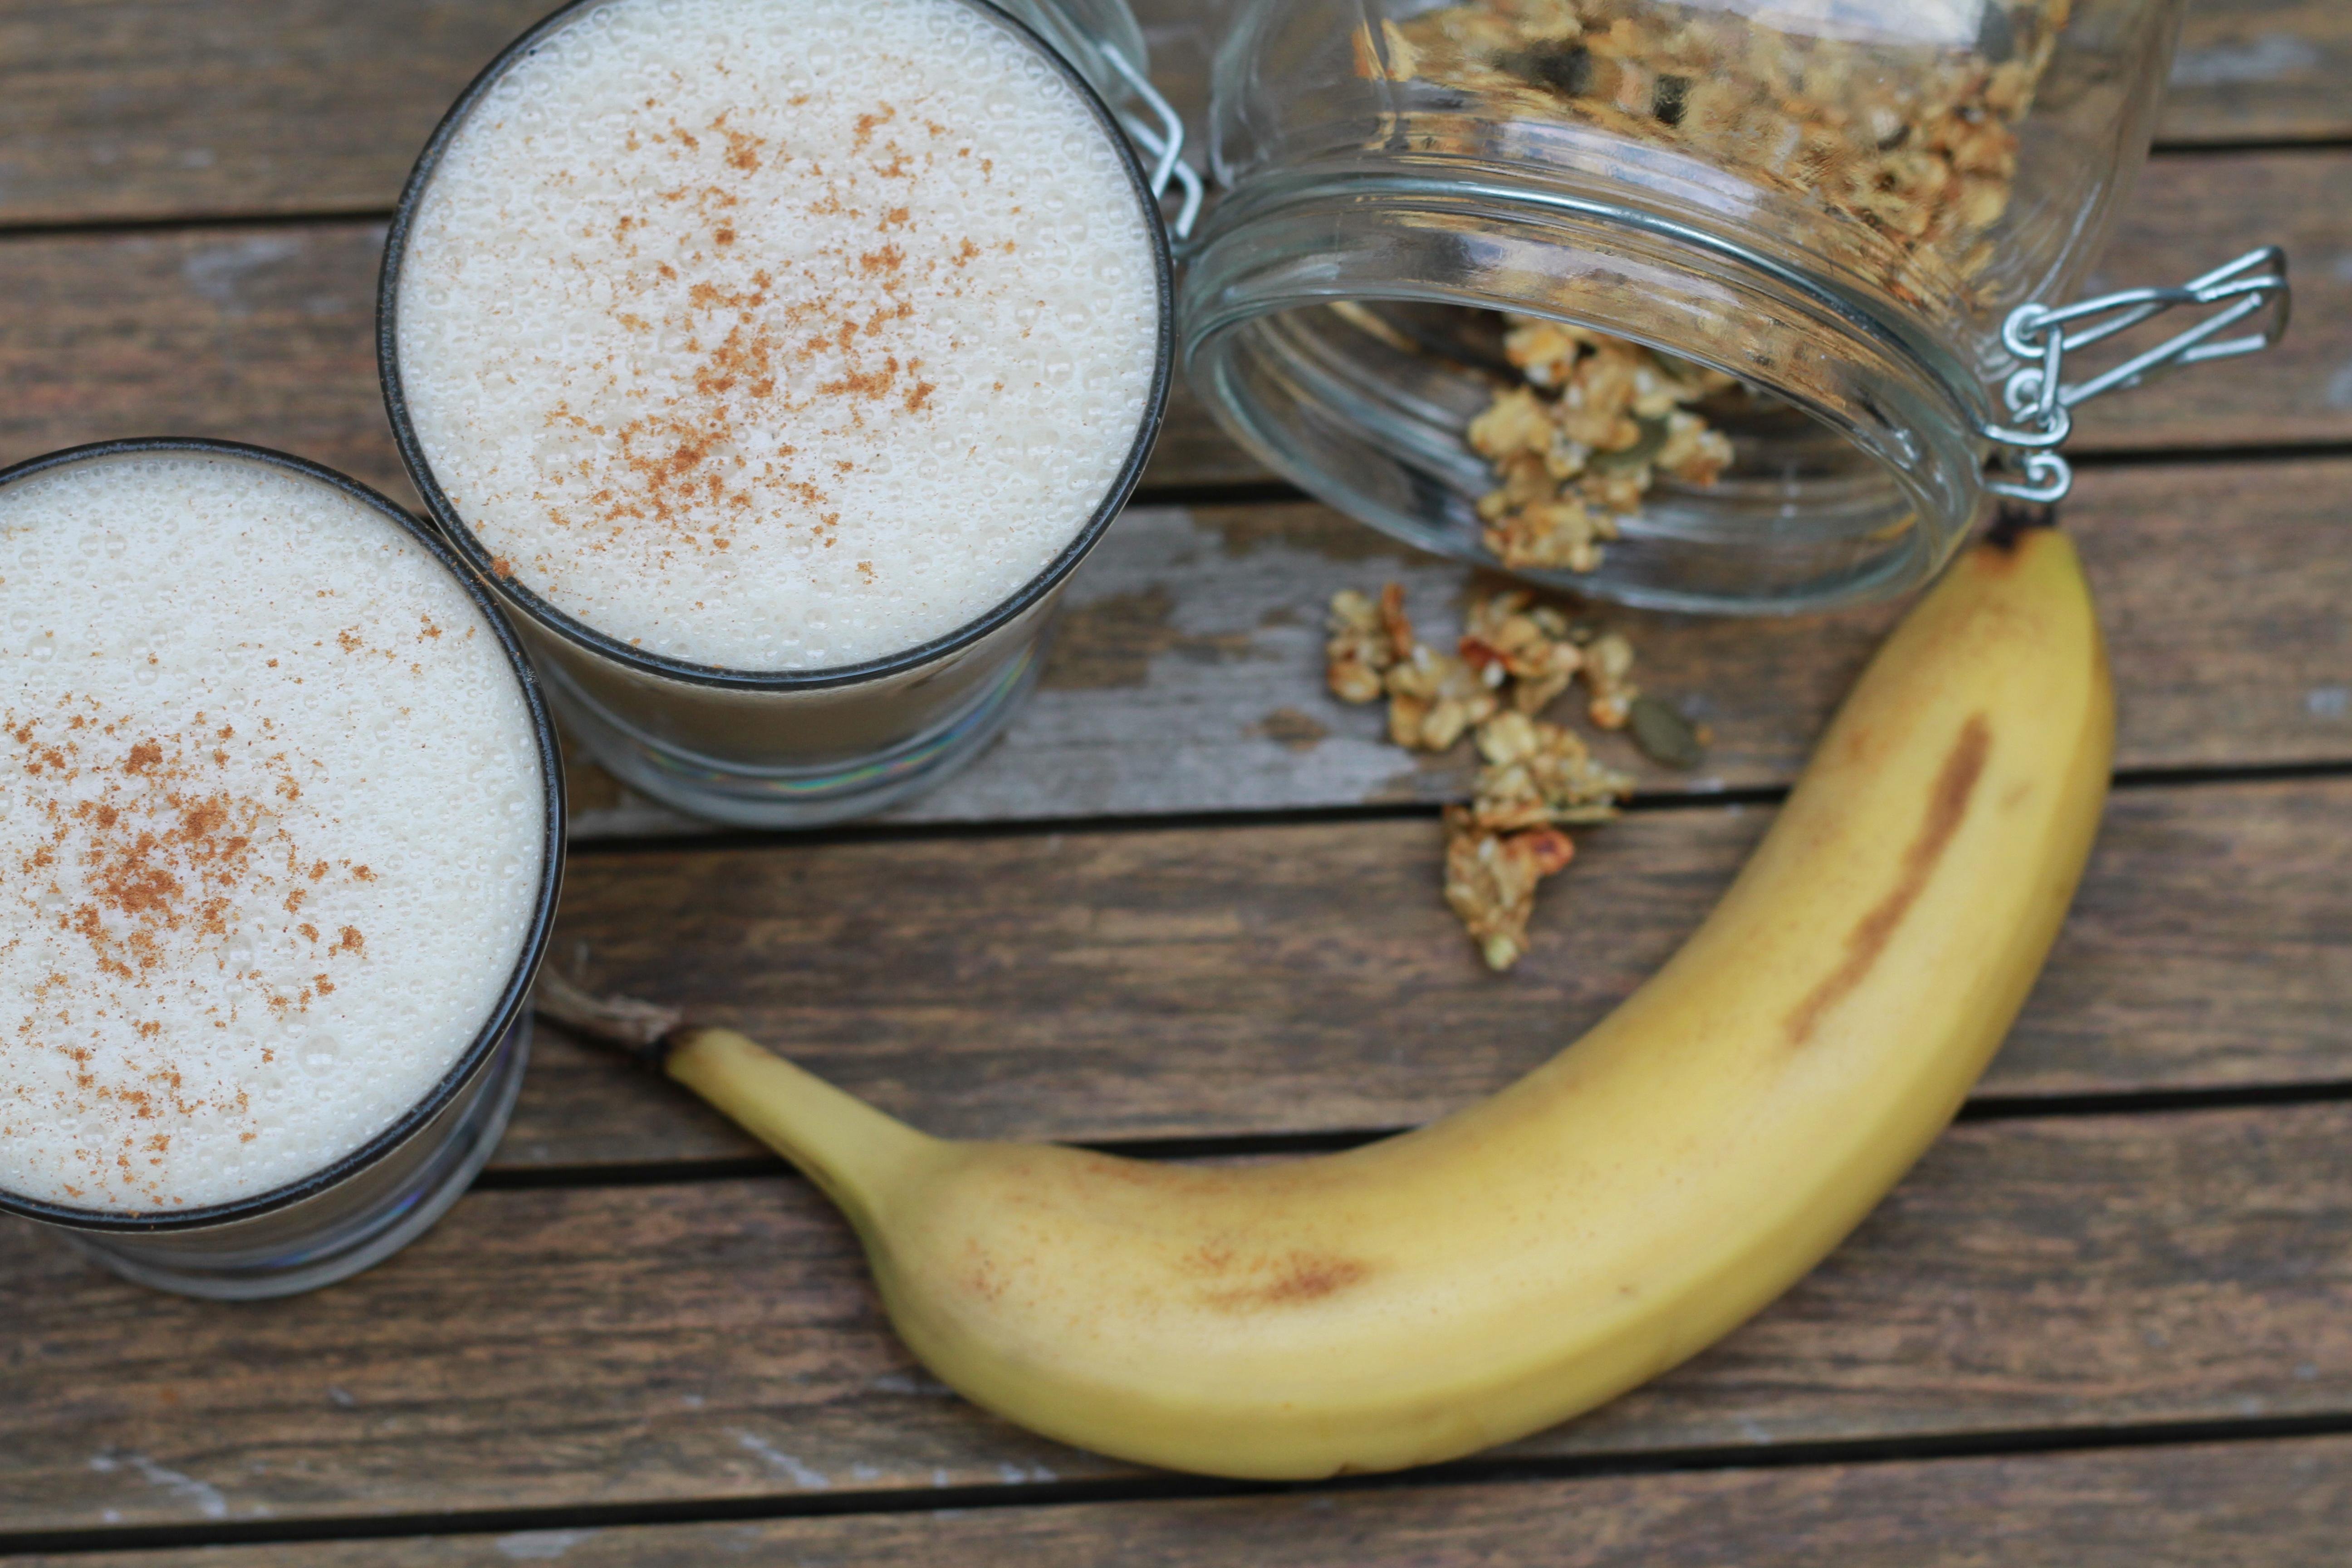 Salted Caramel Banana Smoothie